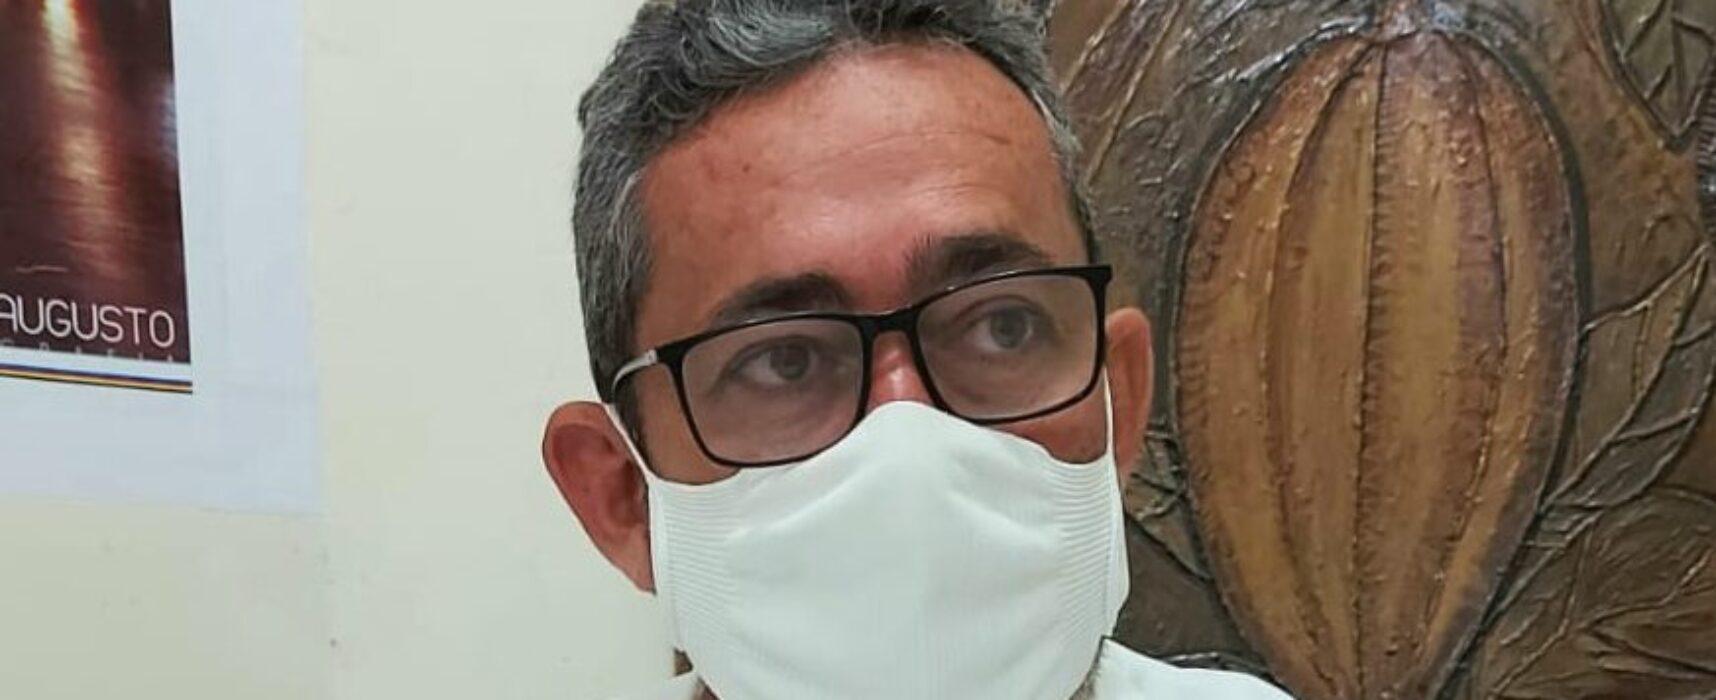 Desafios de micro e pequenos empresários na pandemia serão debatidos em Itabuna